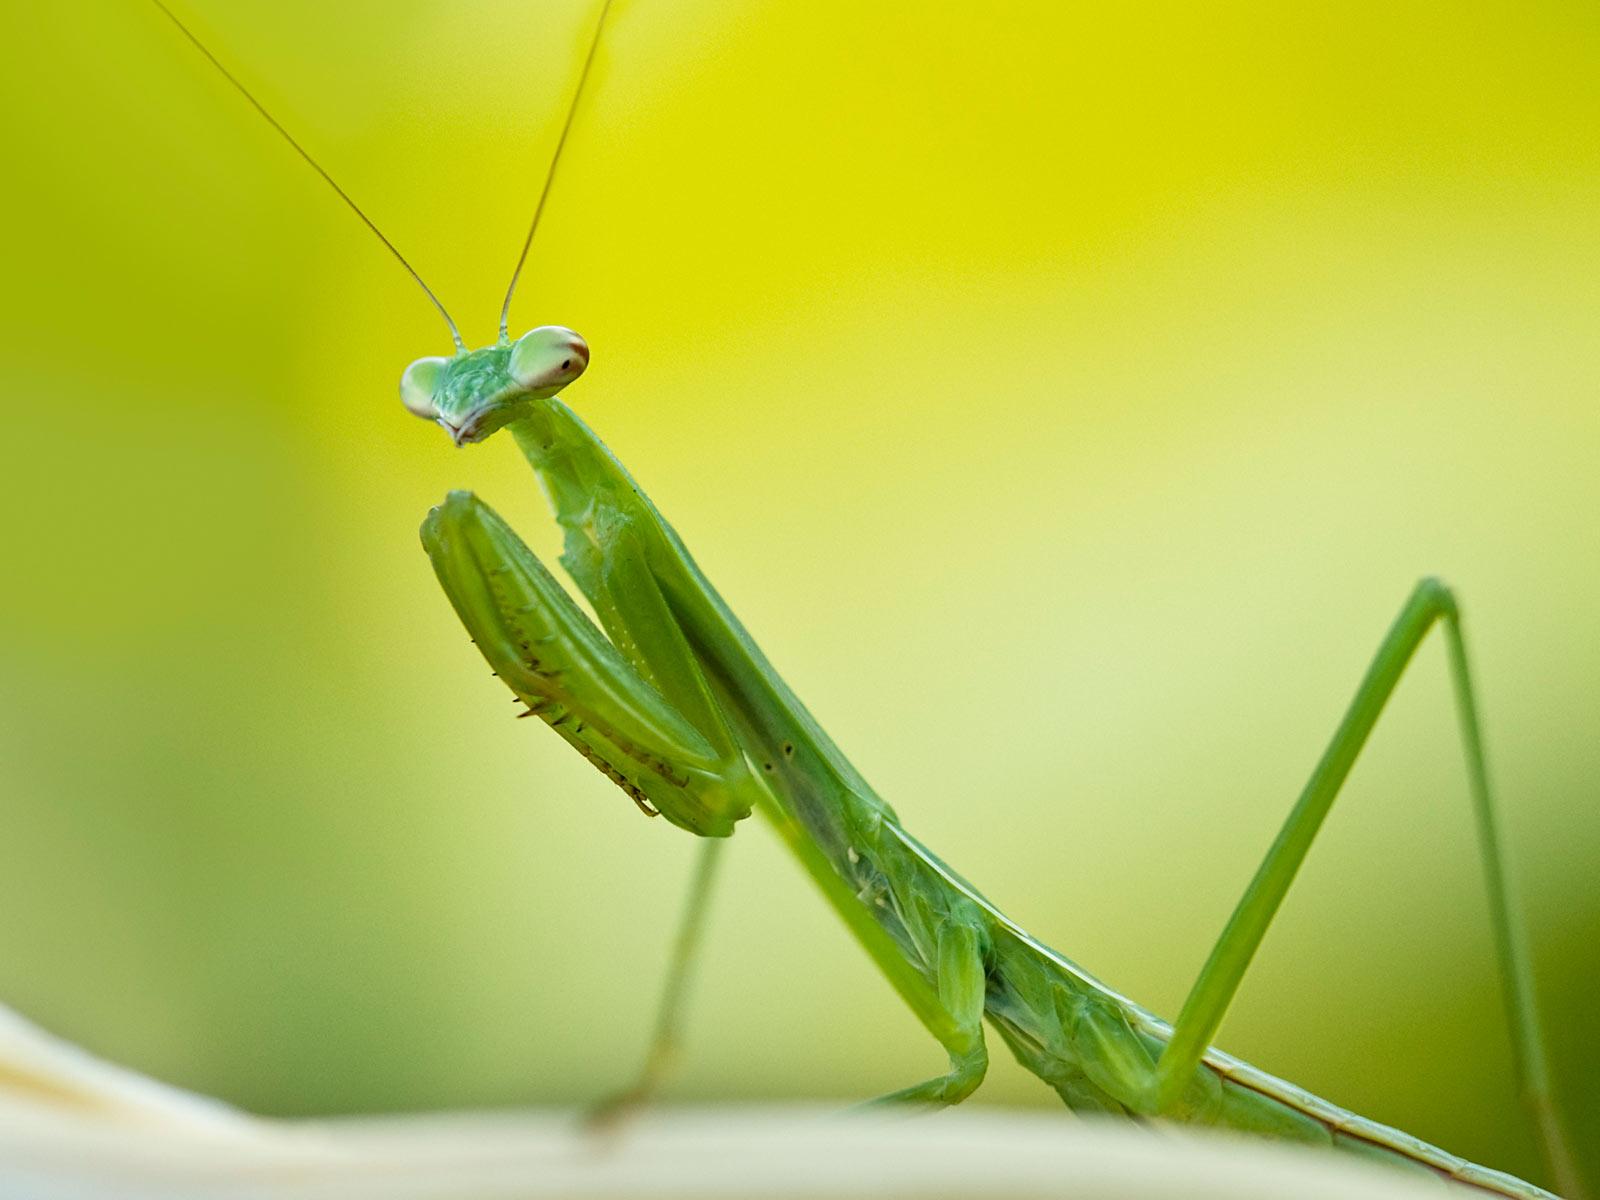 praying mantis wallpapers animals library